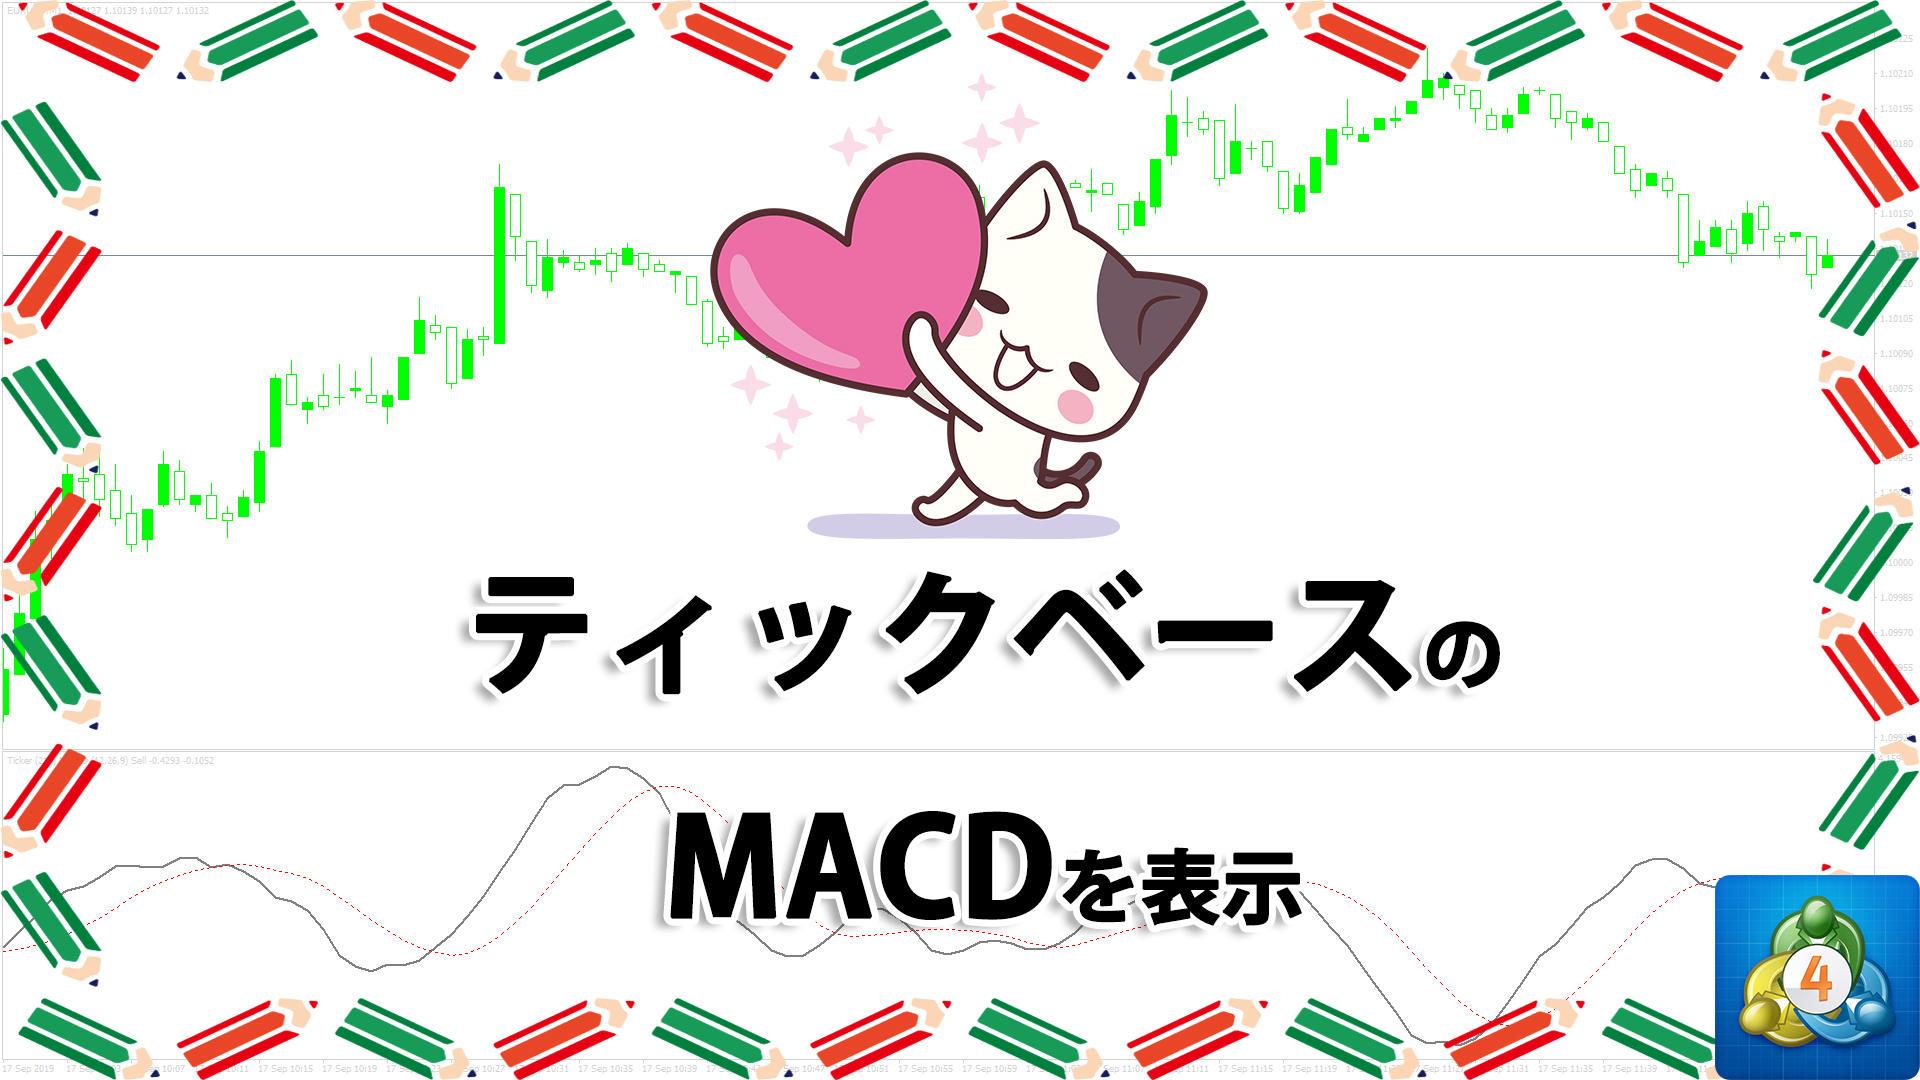 ティックチャートをベースにしたMACDを表示するMT4インジケーター「Ticker_MACD」